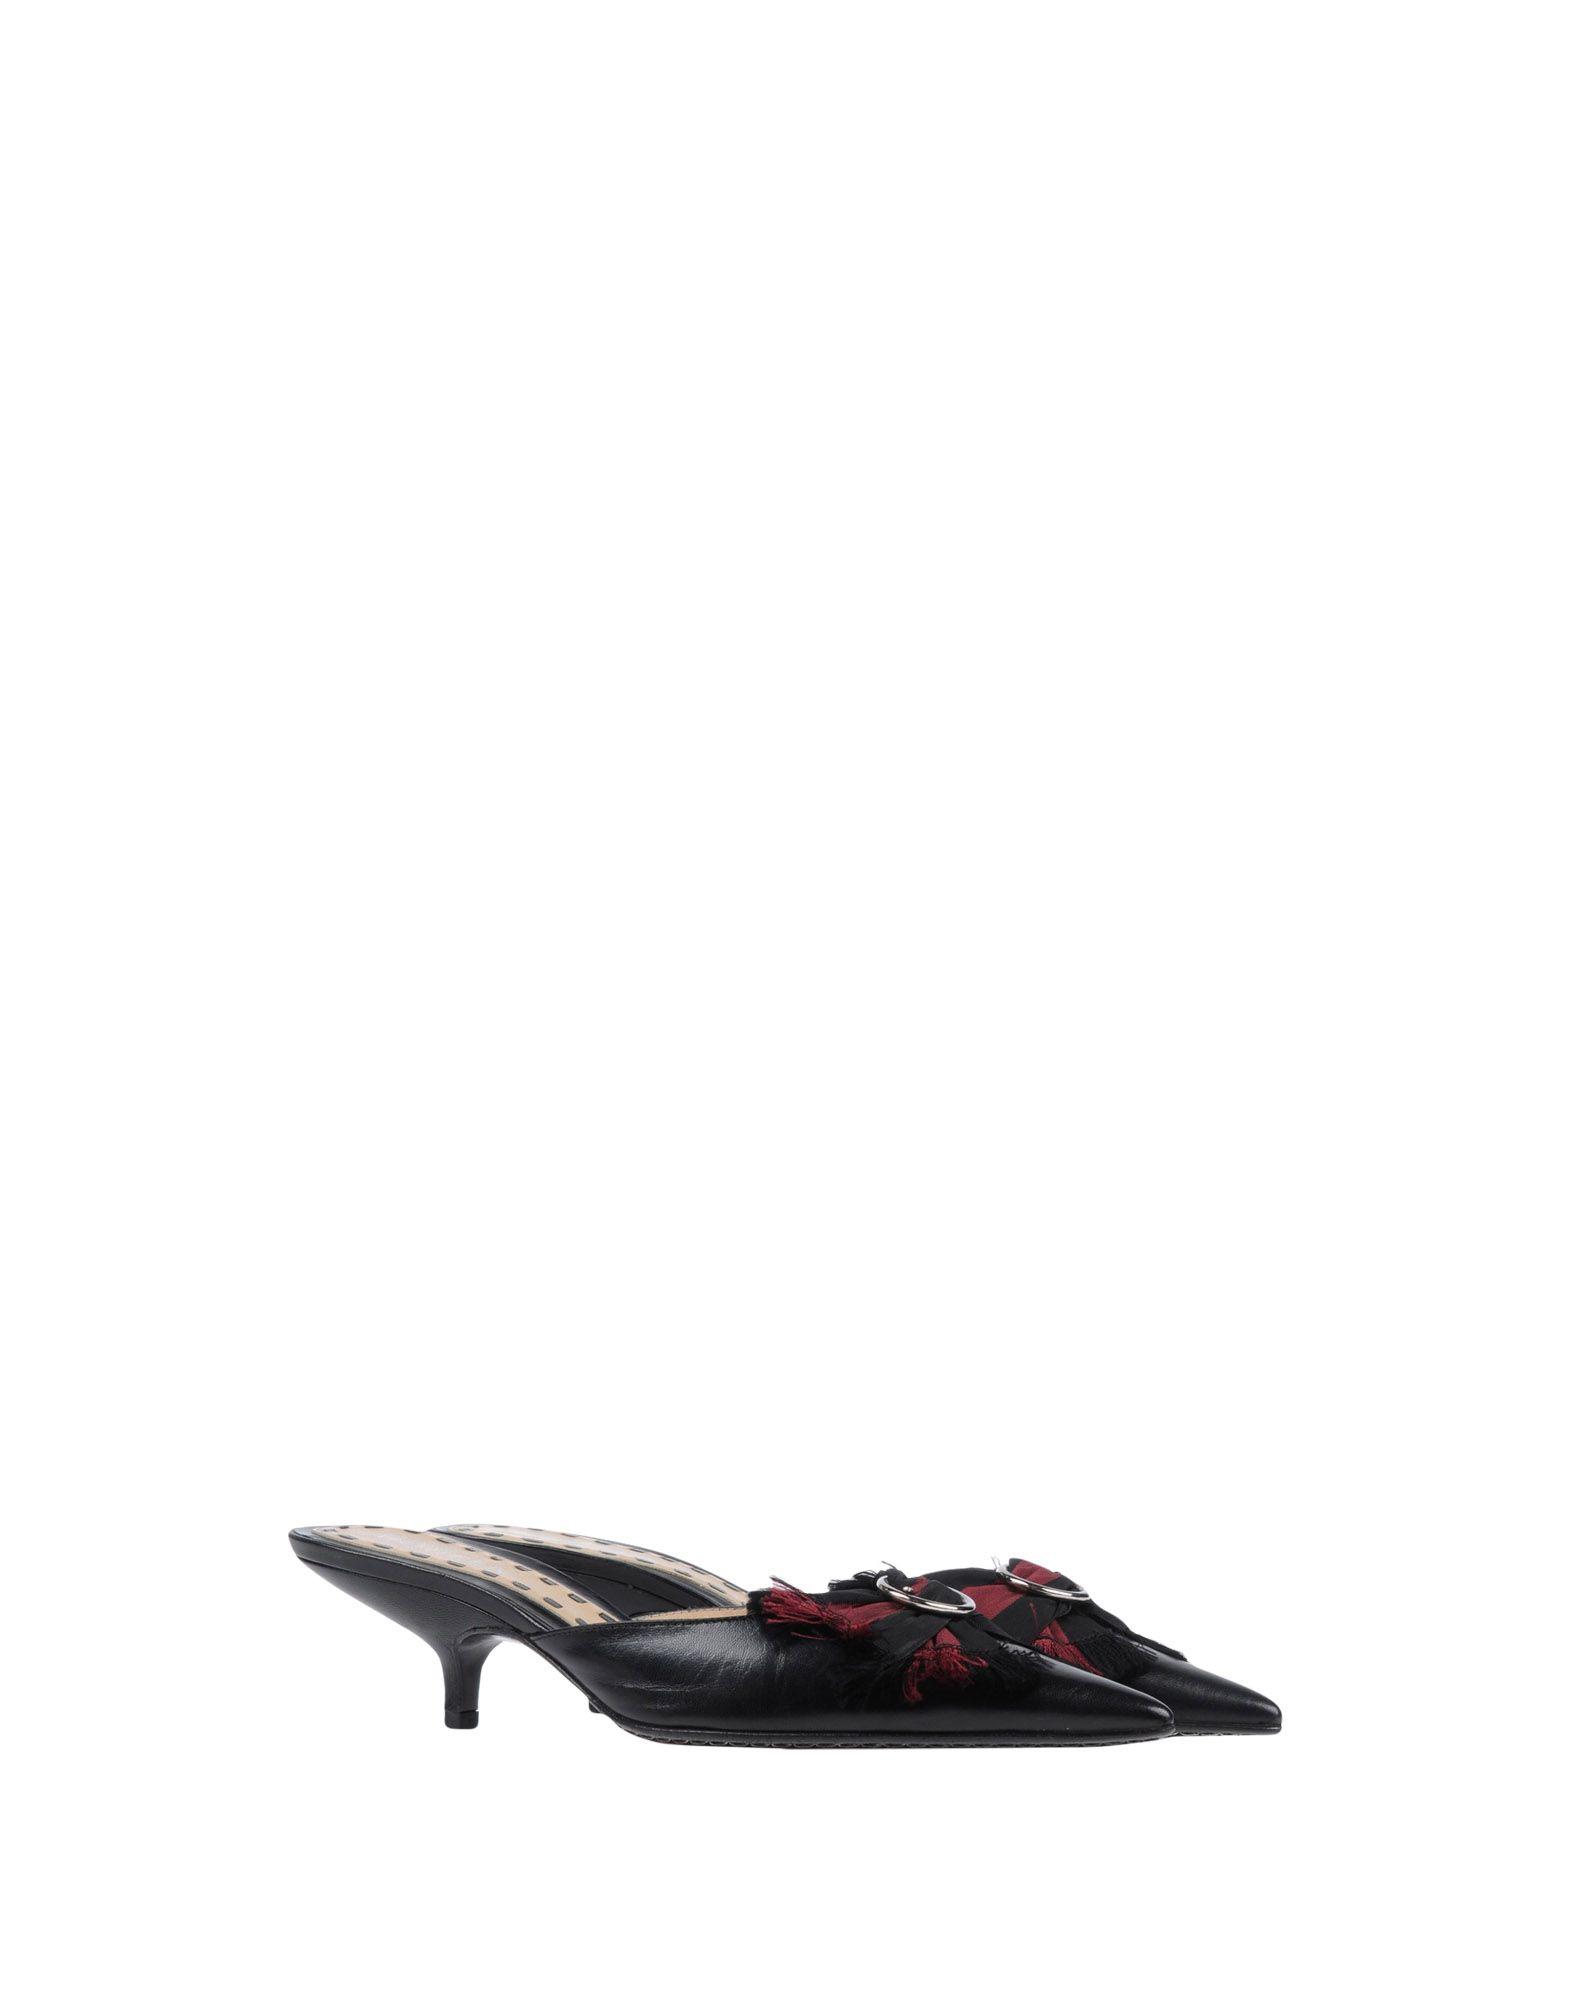 Alexander Mcqueen aussehende Pantoletten Damen  11455315MTGut aussehende Mcqueen strapazierfähige Schuhe 5ef83c